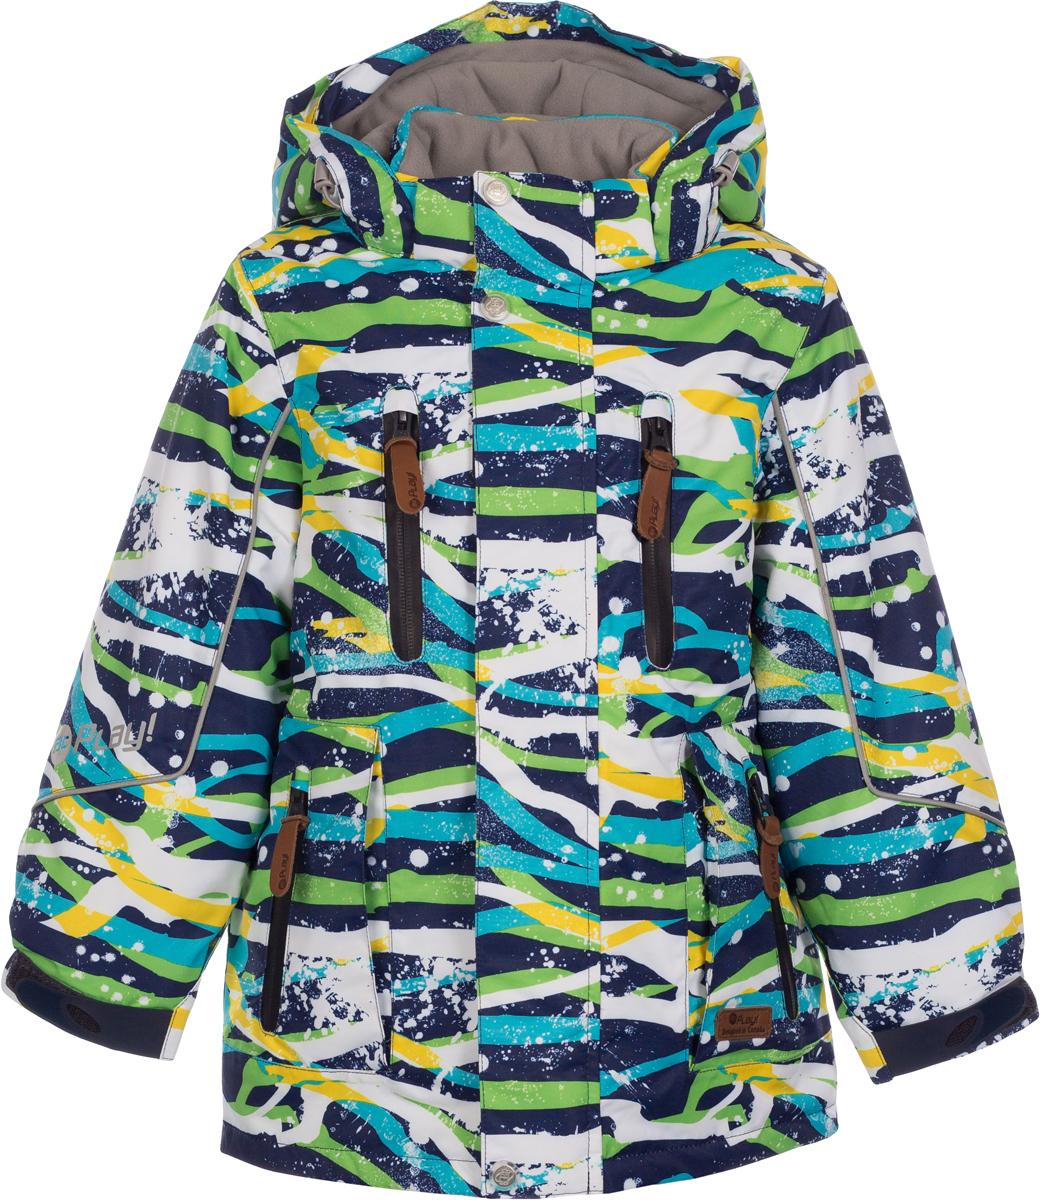 Куртка для мальчика atPlay!, цвет: синий. 2jk733. Размер 1102jk733Куртка-парка от atPlay! для повседневных зимних прогулок, а также активного отдыха на природе в морозный зимний день. Парка выполнена из мембранной ткани и легкого современного утеплителя. Благодаря такому сочетанию тканей, куртка легкая, но при этом теплая. Ткань верха в сочетании с дышащими свойствами мембраны 10000/10000 защищает от мокрого снега и от ветра снаружи, хорошо отводит влагу от тела, поэтому подходит для высокой активности. Самый технологичный на сегодняшний день утеплитель Thinsulate сохранит тепло в 3 раза лучше по сравнению с другими видами утеплителей. Ткань с грязе- водоотталкивающей пропиткой , даже при длительных прогулках не намокнет, тем самым доставляя ребенку комфорт и желание познавать новый мир во всей своей красе.